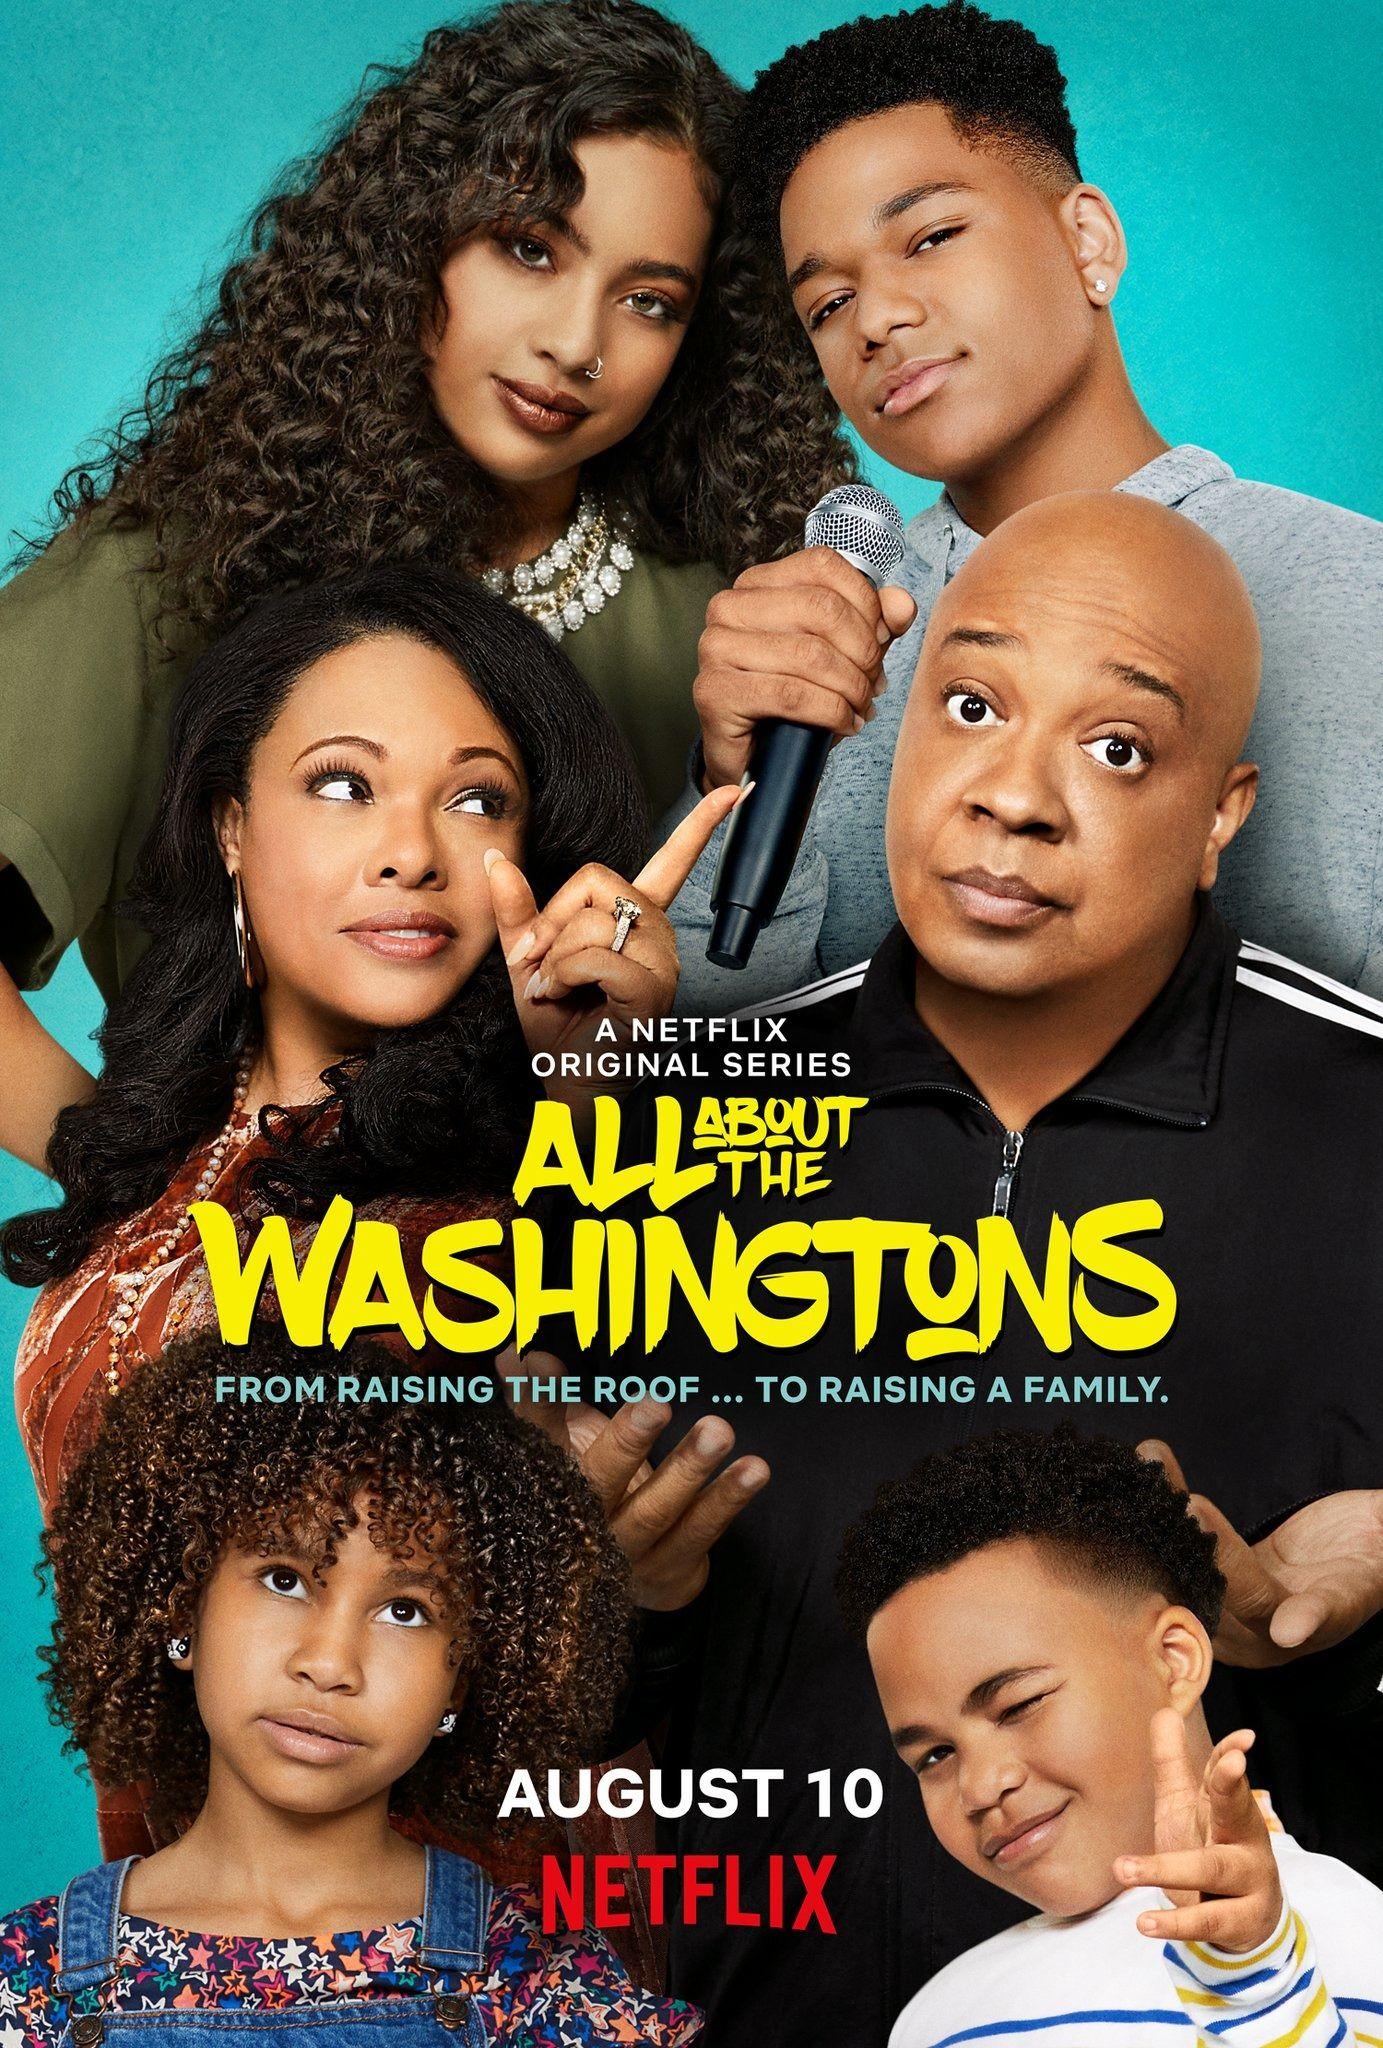 All About the Washingtons ne zaman